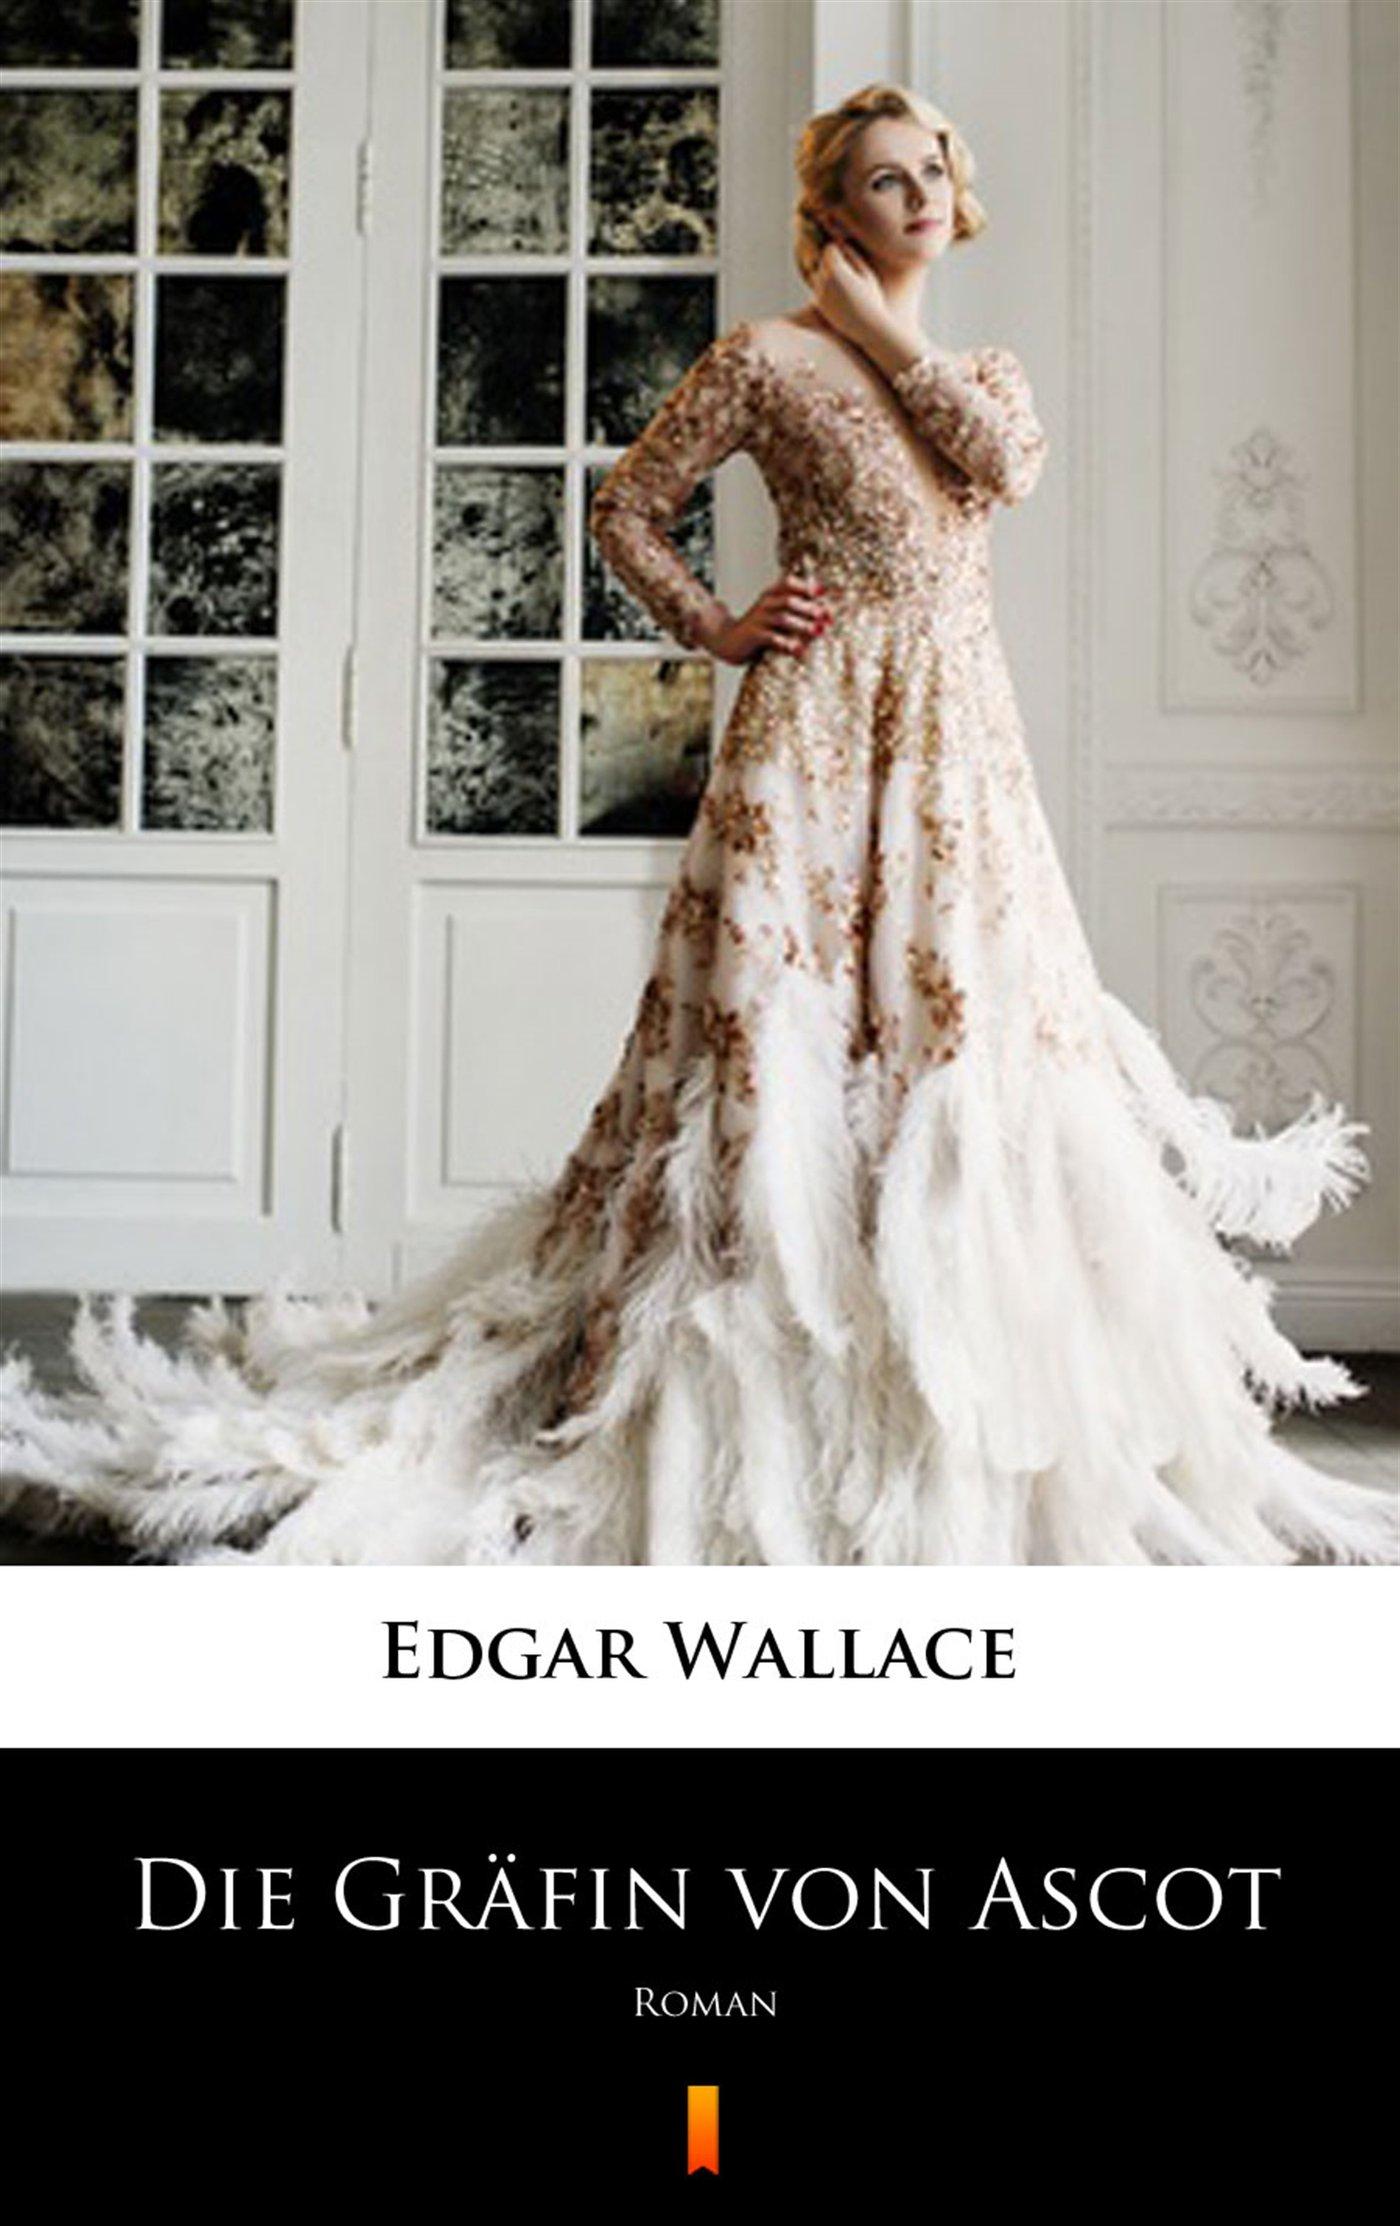 Die Gräfin von Ascot - Ebook (Książka na Kindle) do pobrania w formacie MOBI